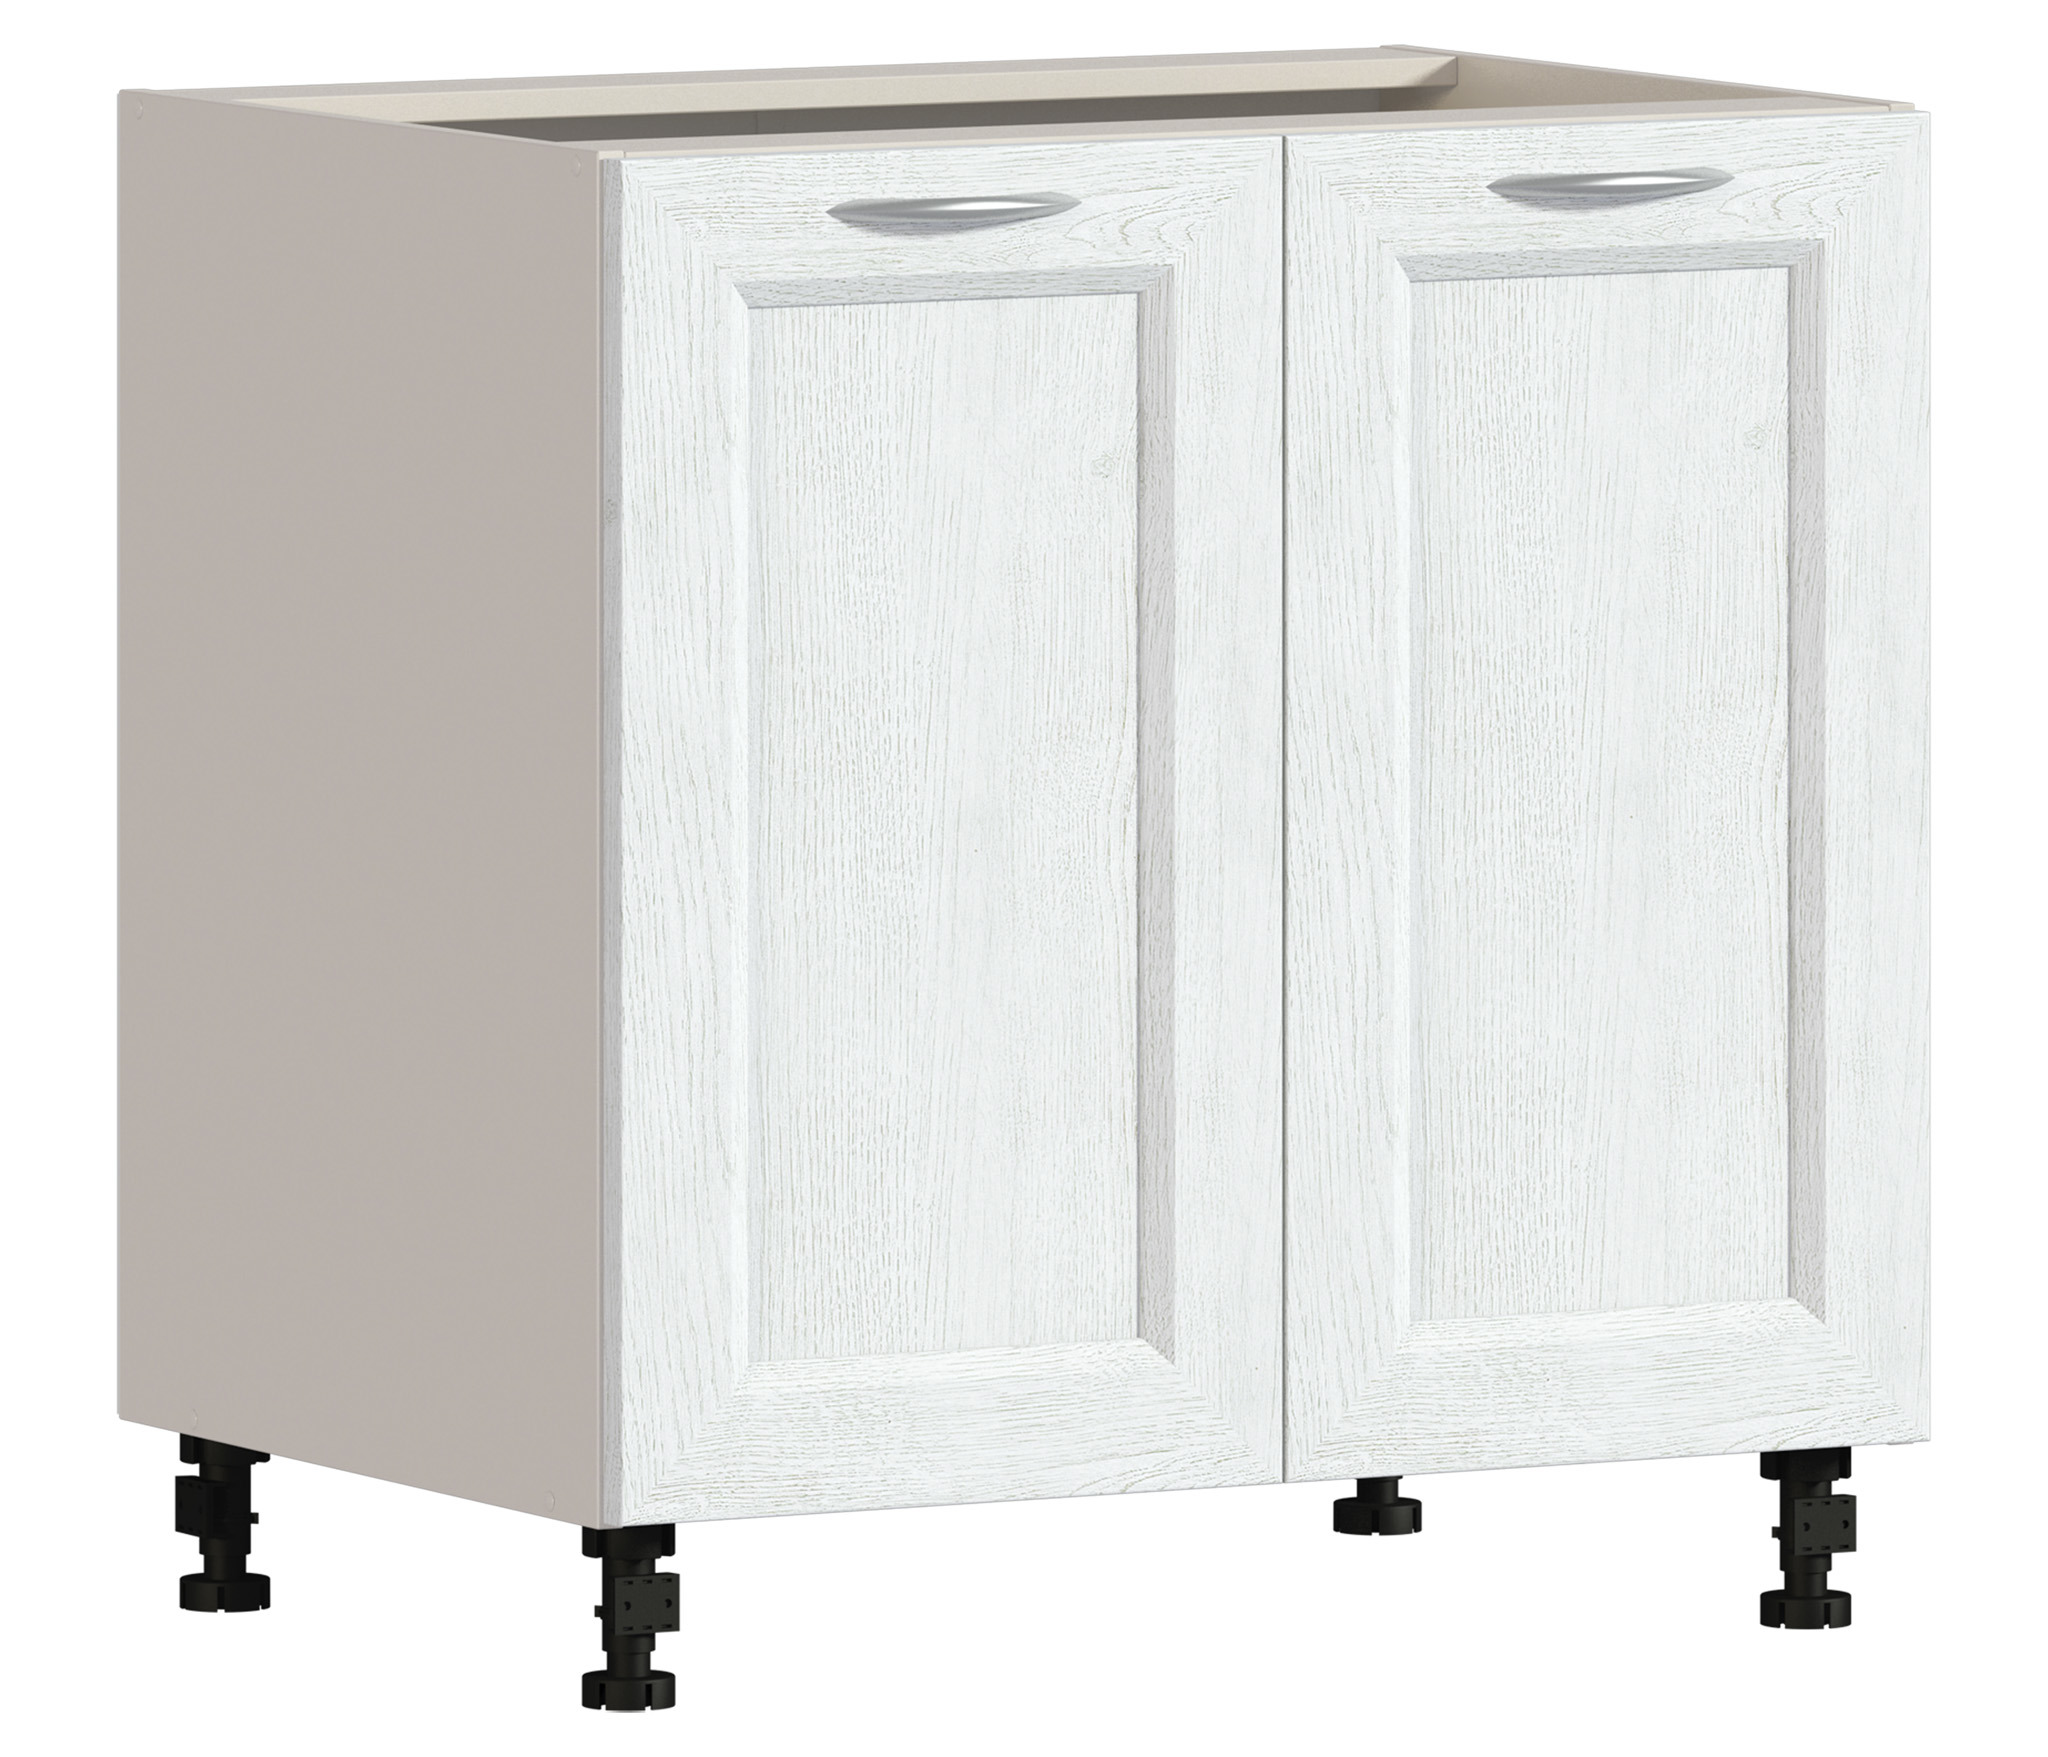 Регина РС-80 стол с 2-мя фасадамиГарнитуры<br>Вместительный стол с двумя фасадами для кухни, выполнен в классическом стиле. Дополнительно рекомендуем приобрести столешницу.<br><br>Длина мм: 800<br>Высота мм: 820<br>Глубина мм: 563